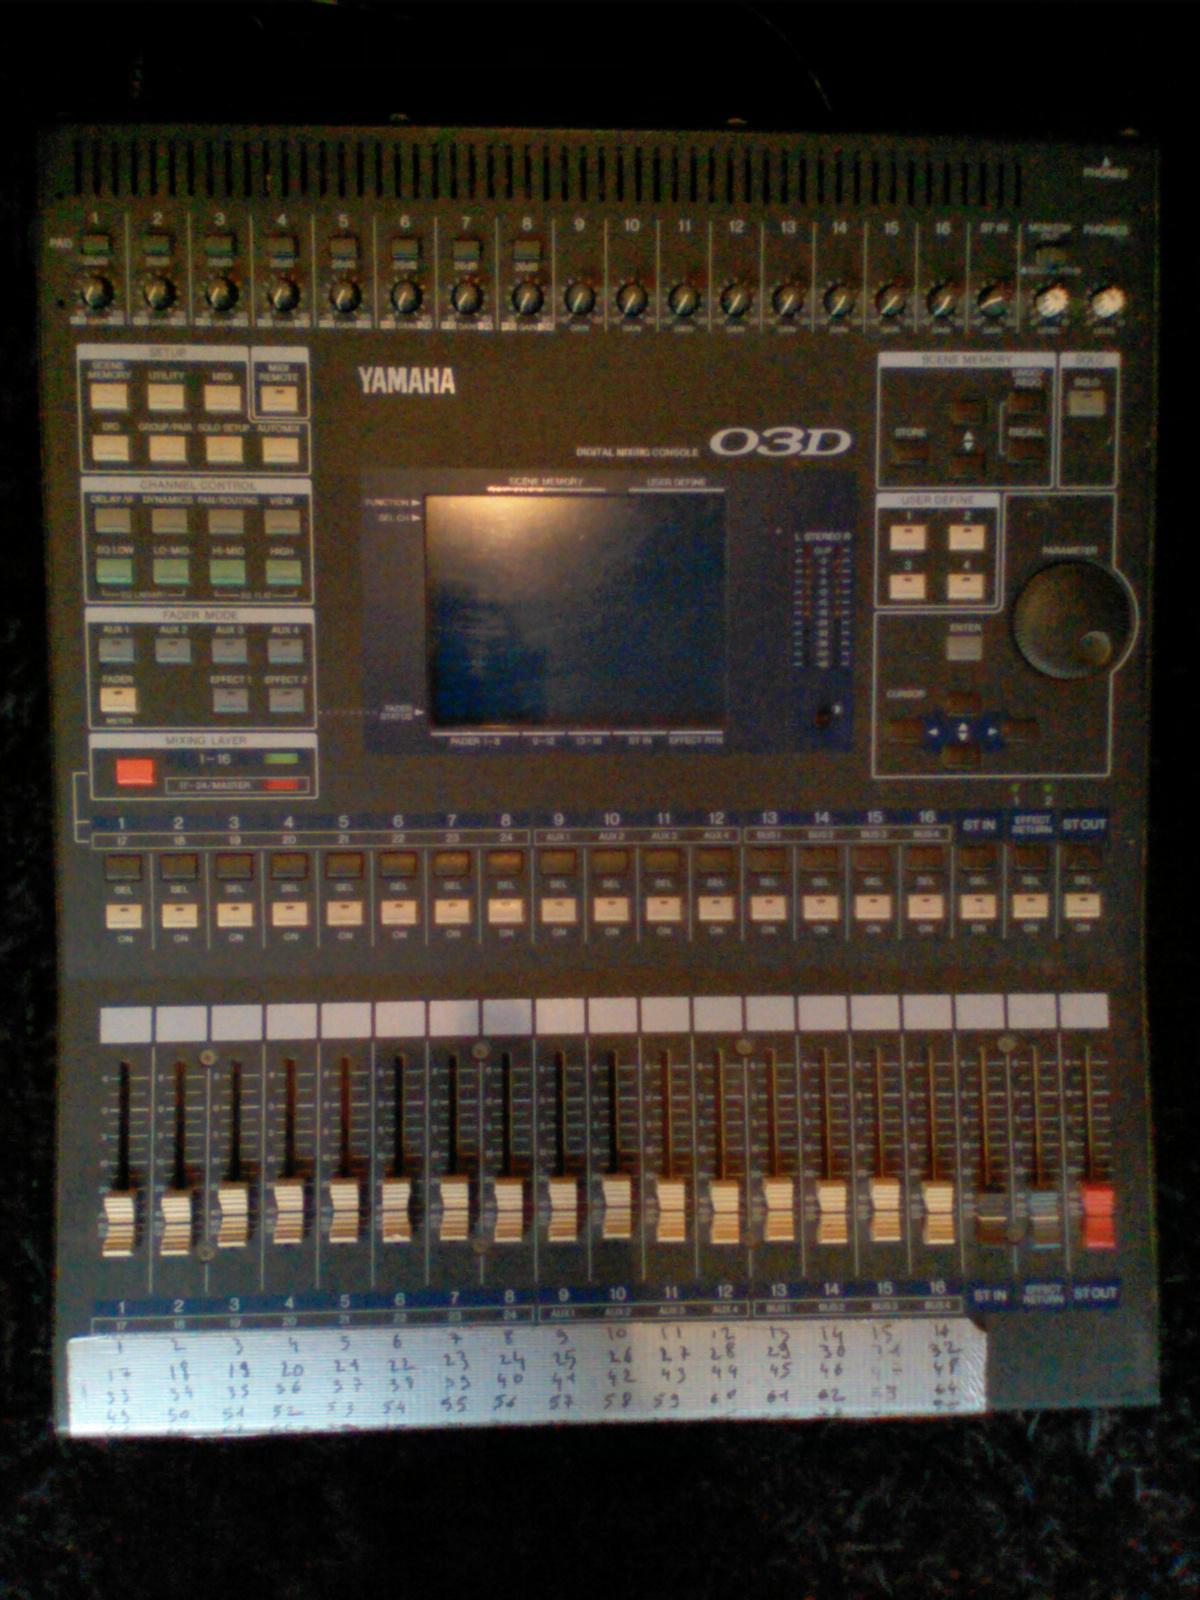 Vend table de mixage numerique yamaha 03d carte adat - Table de mixage numerique yamaha ...